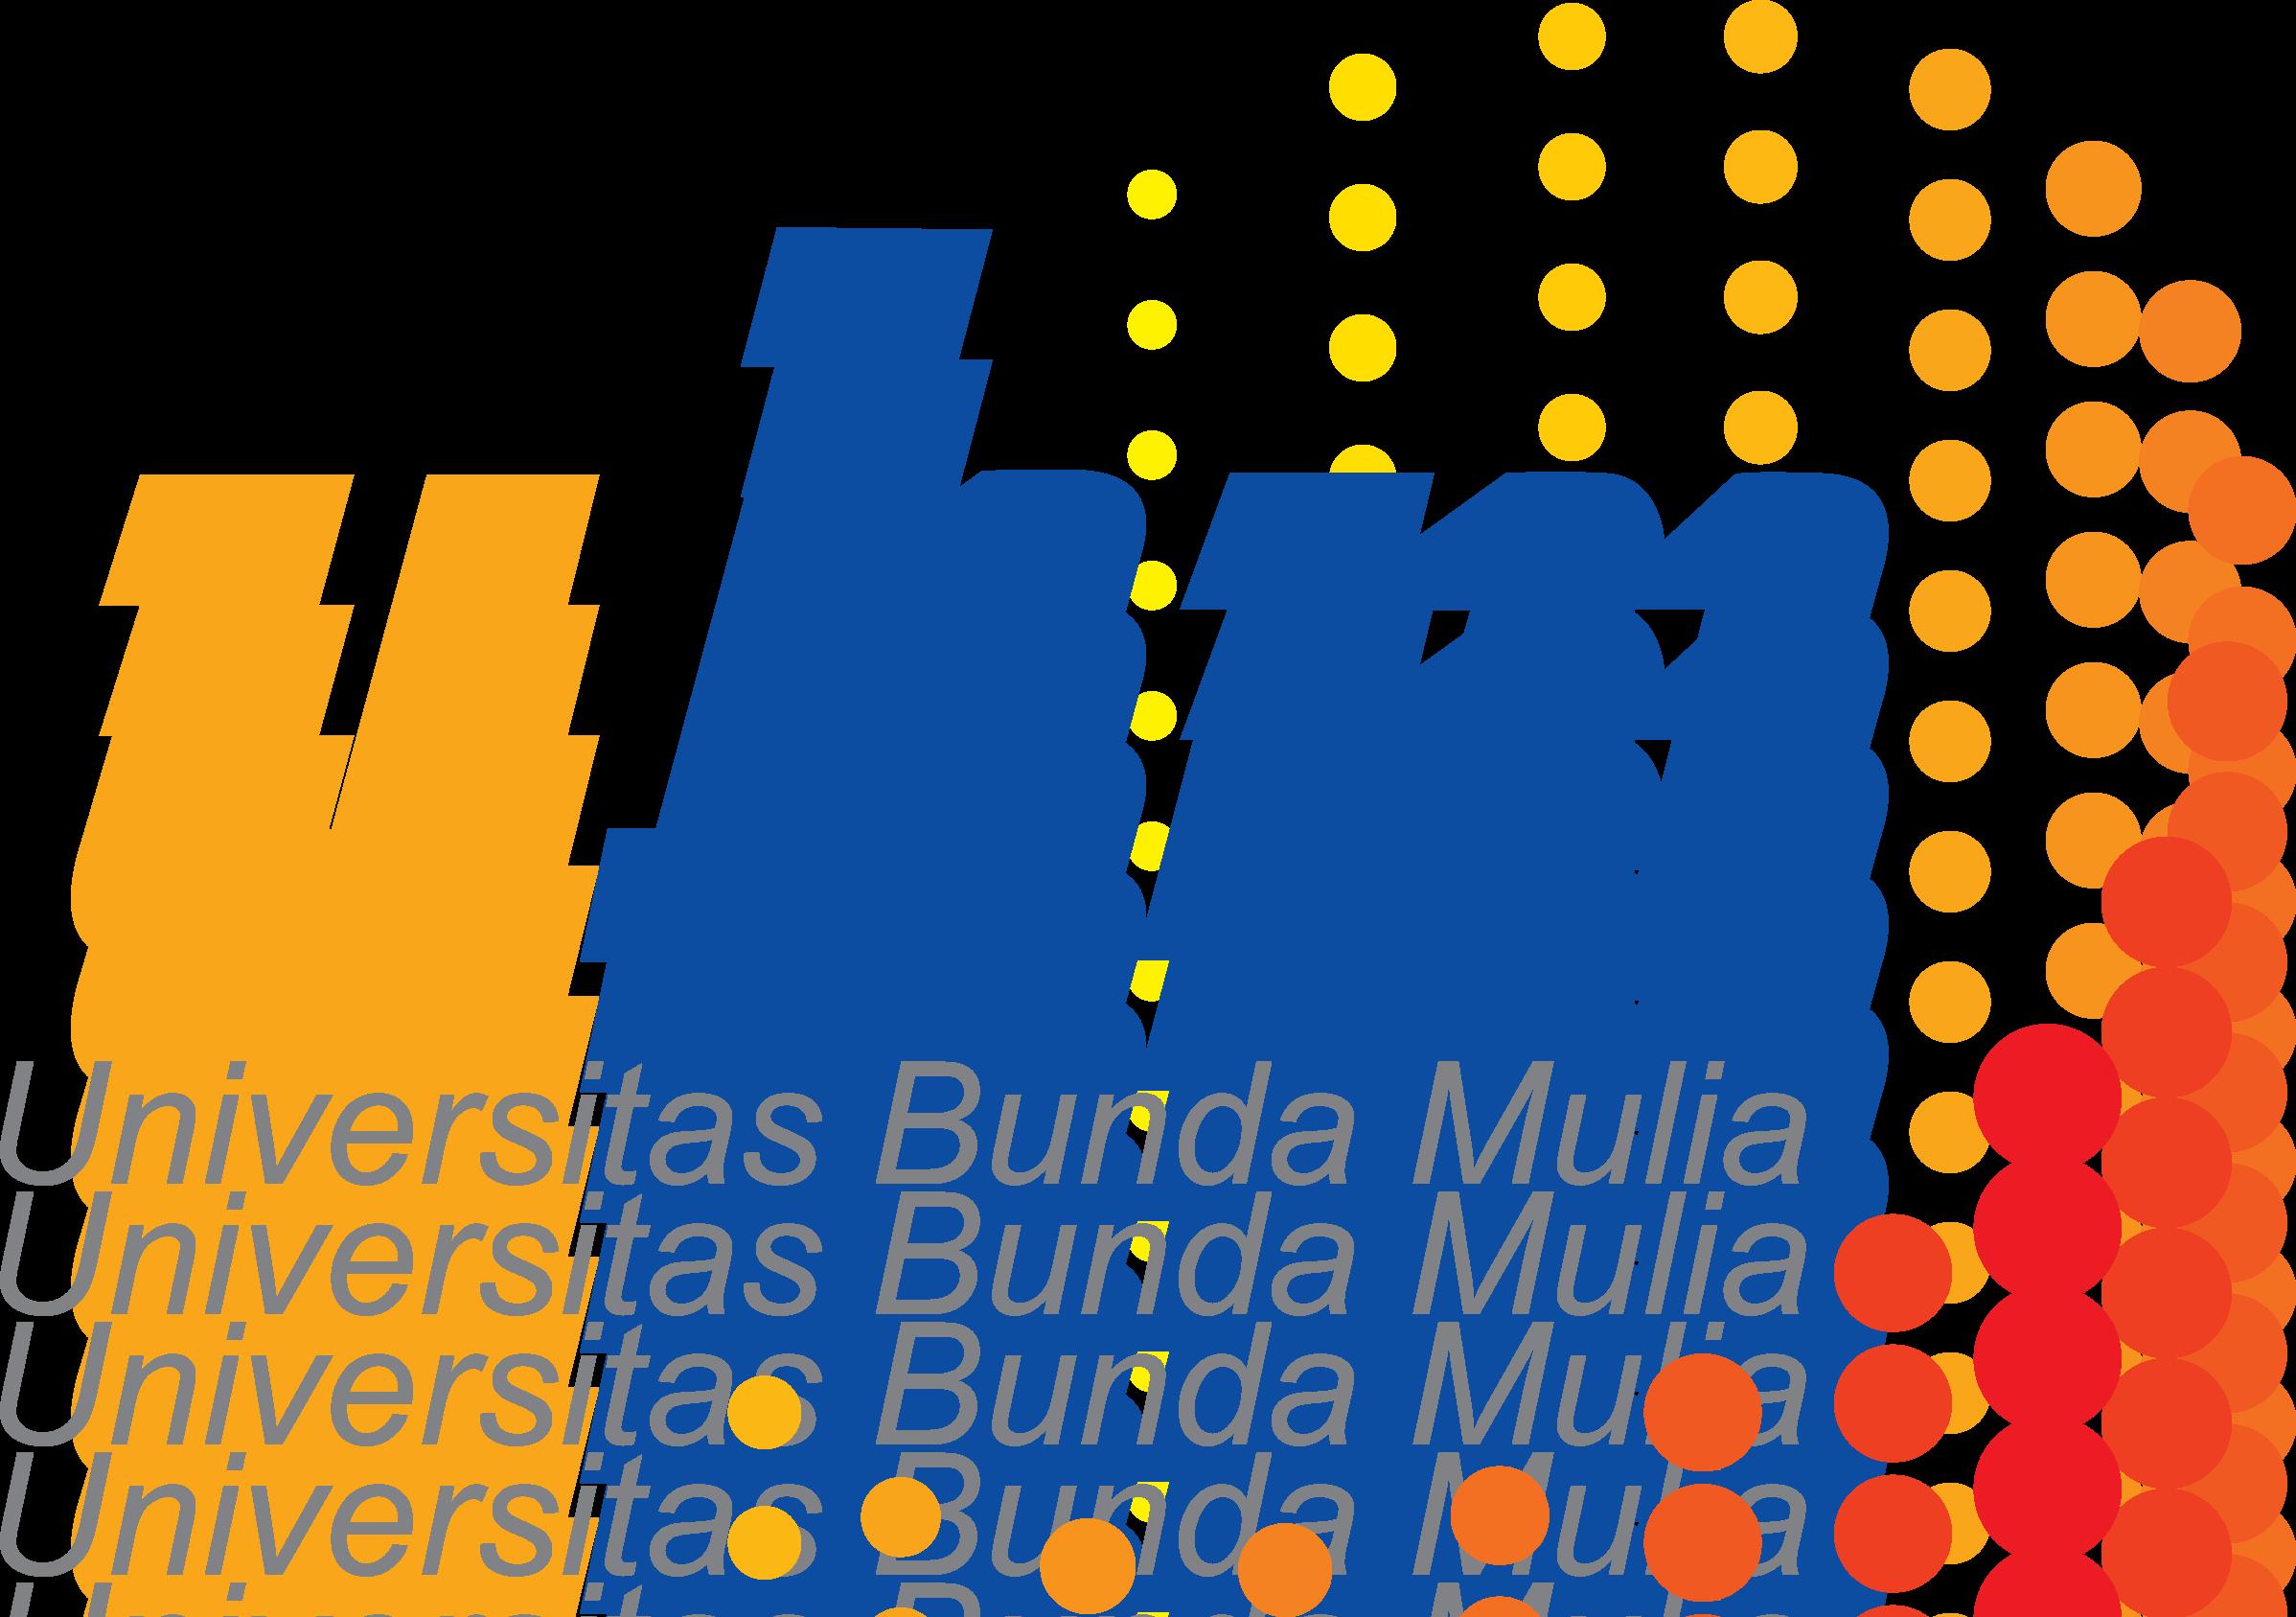 Universitas Bunda Mulia